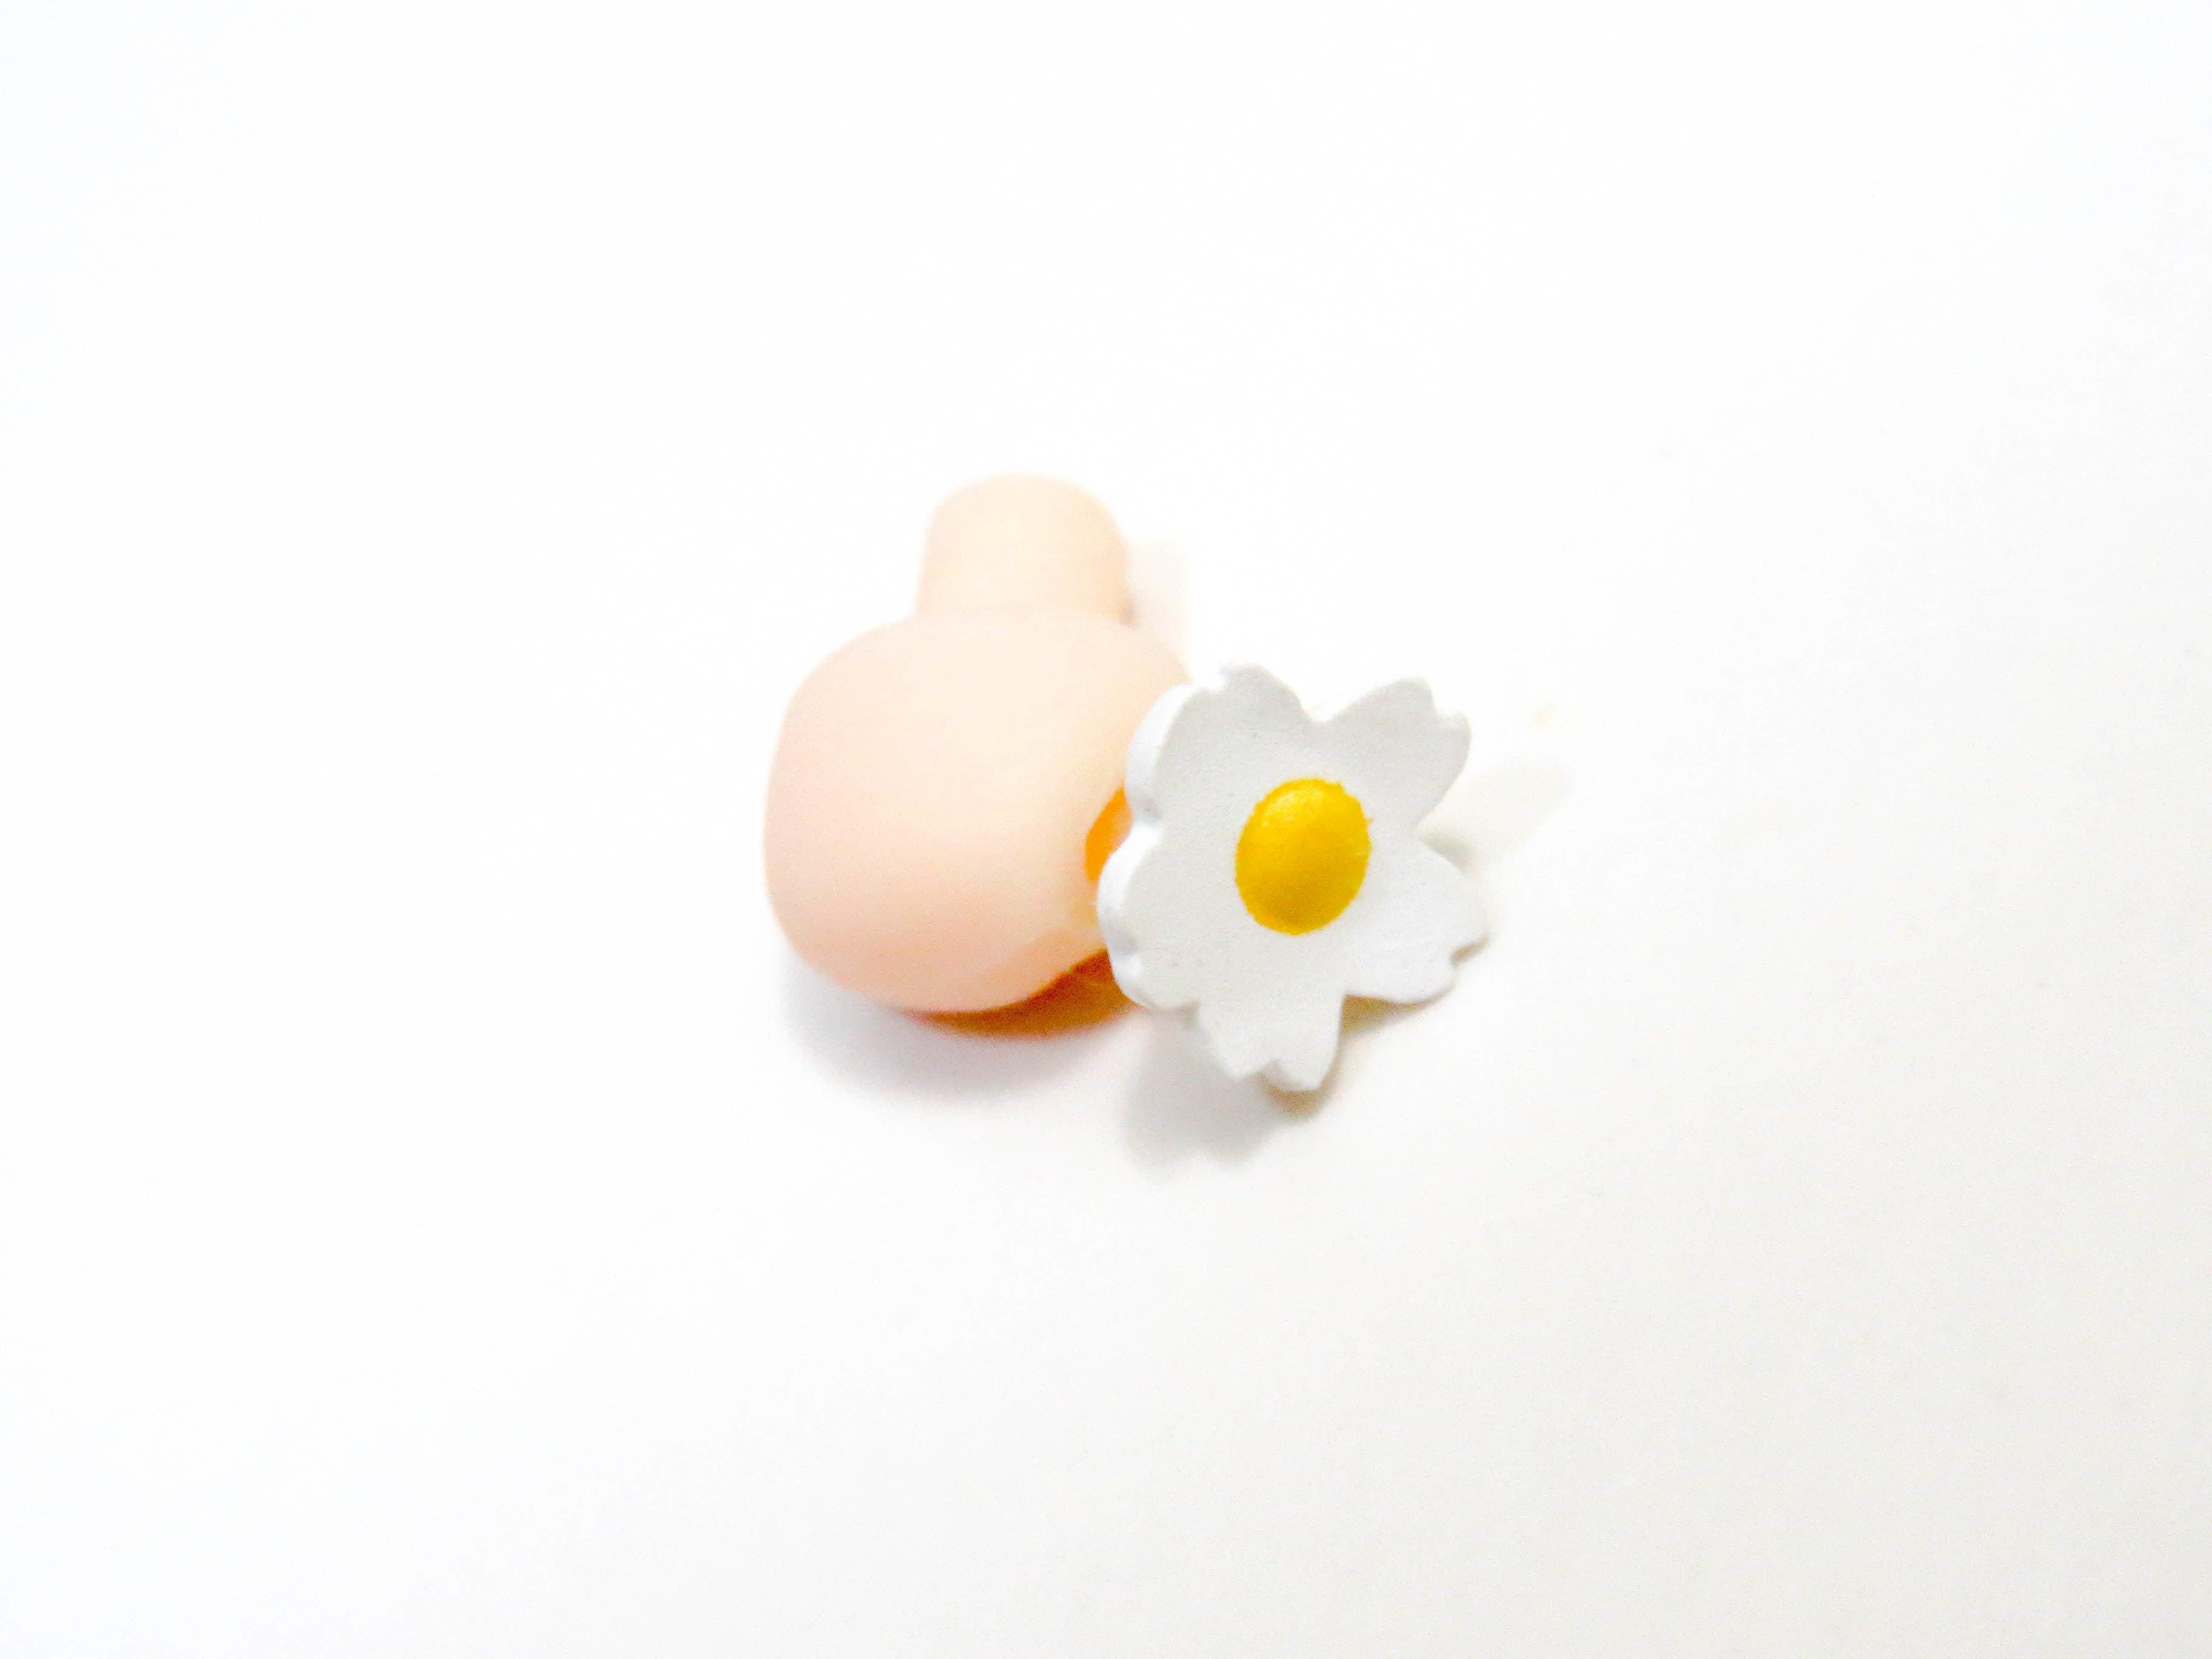 再入荷【522】 島村卯月 小物パーツ お花 ねんどろいど